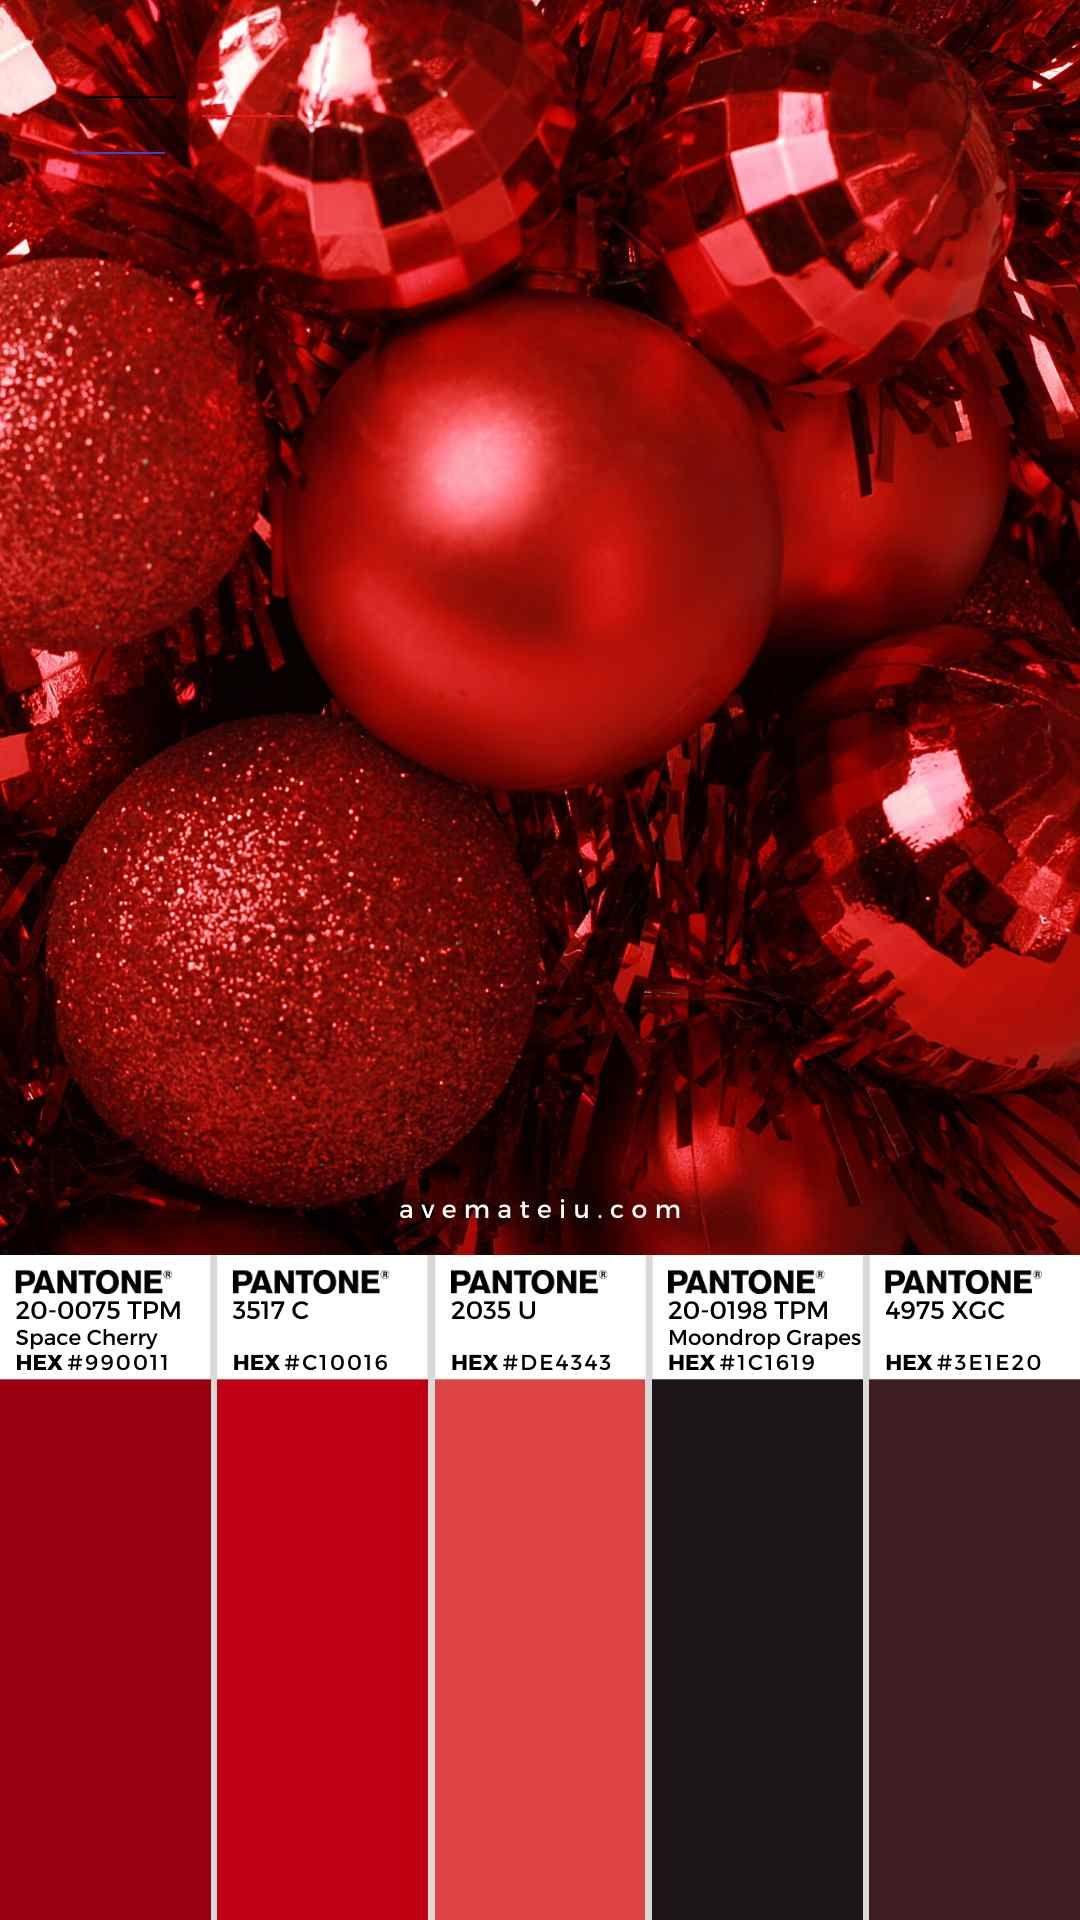 Christmas Colors Palette 2020 Canva Christmas Background Instagram Pantone Color Palette 359